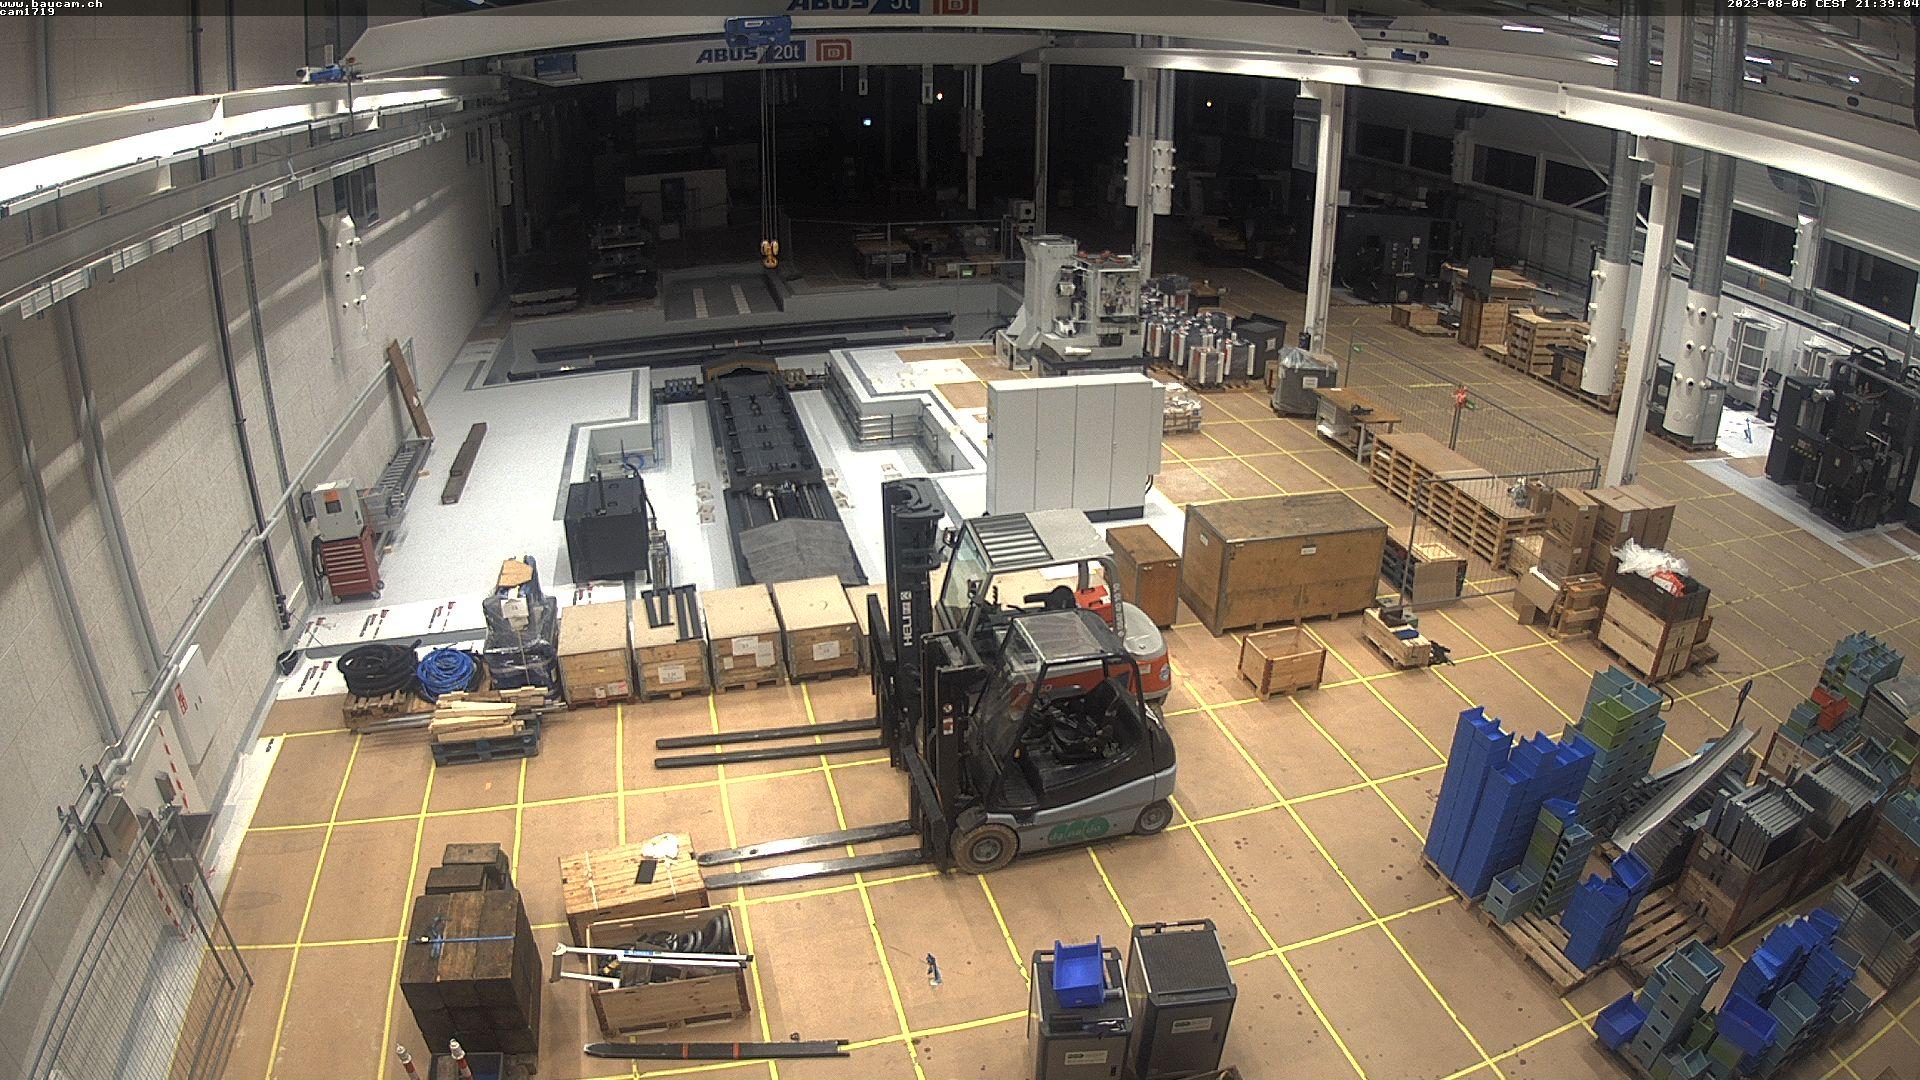 Webcam am Haupteingang - Bild wird alle 5 Minuten aktualisiert.